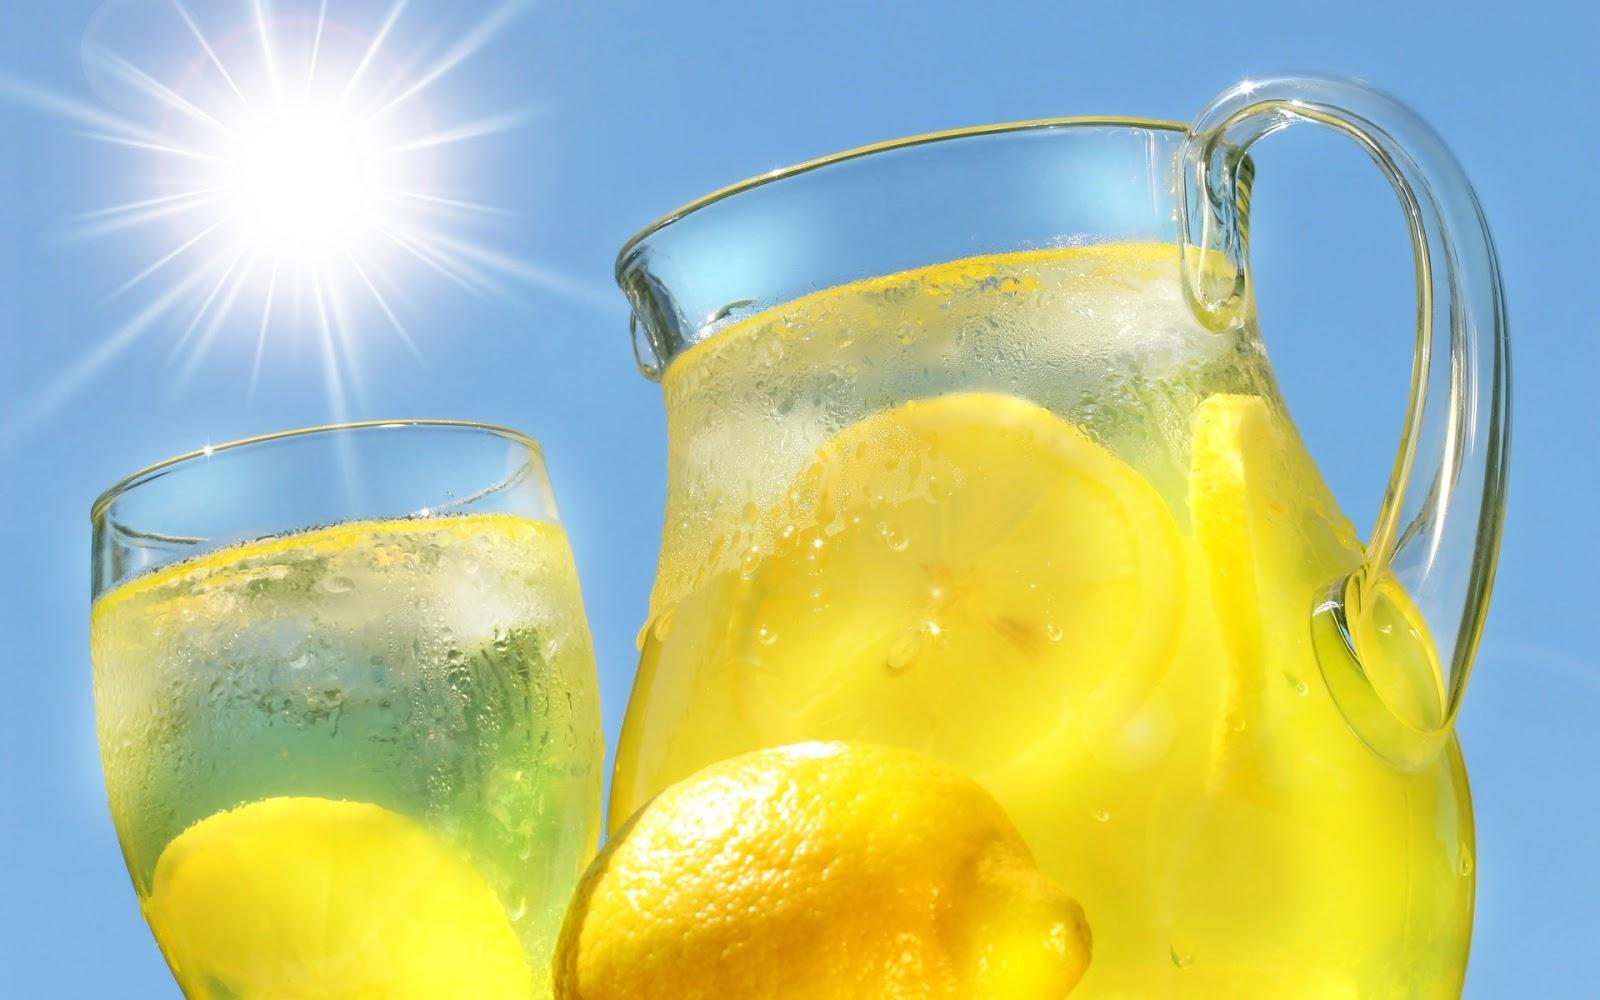 Nada-mejor-que-una-helada-y-refrescante-limonada-en-un-día-caluroso